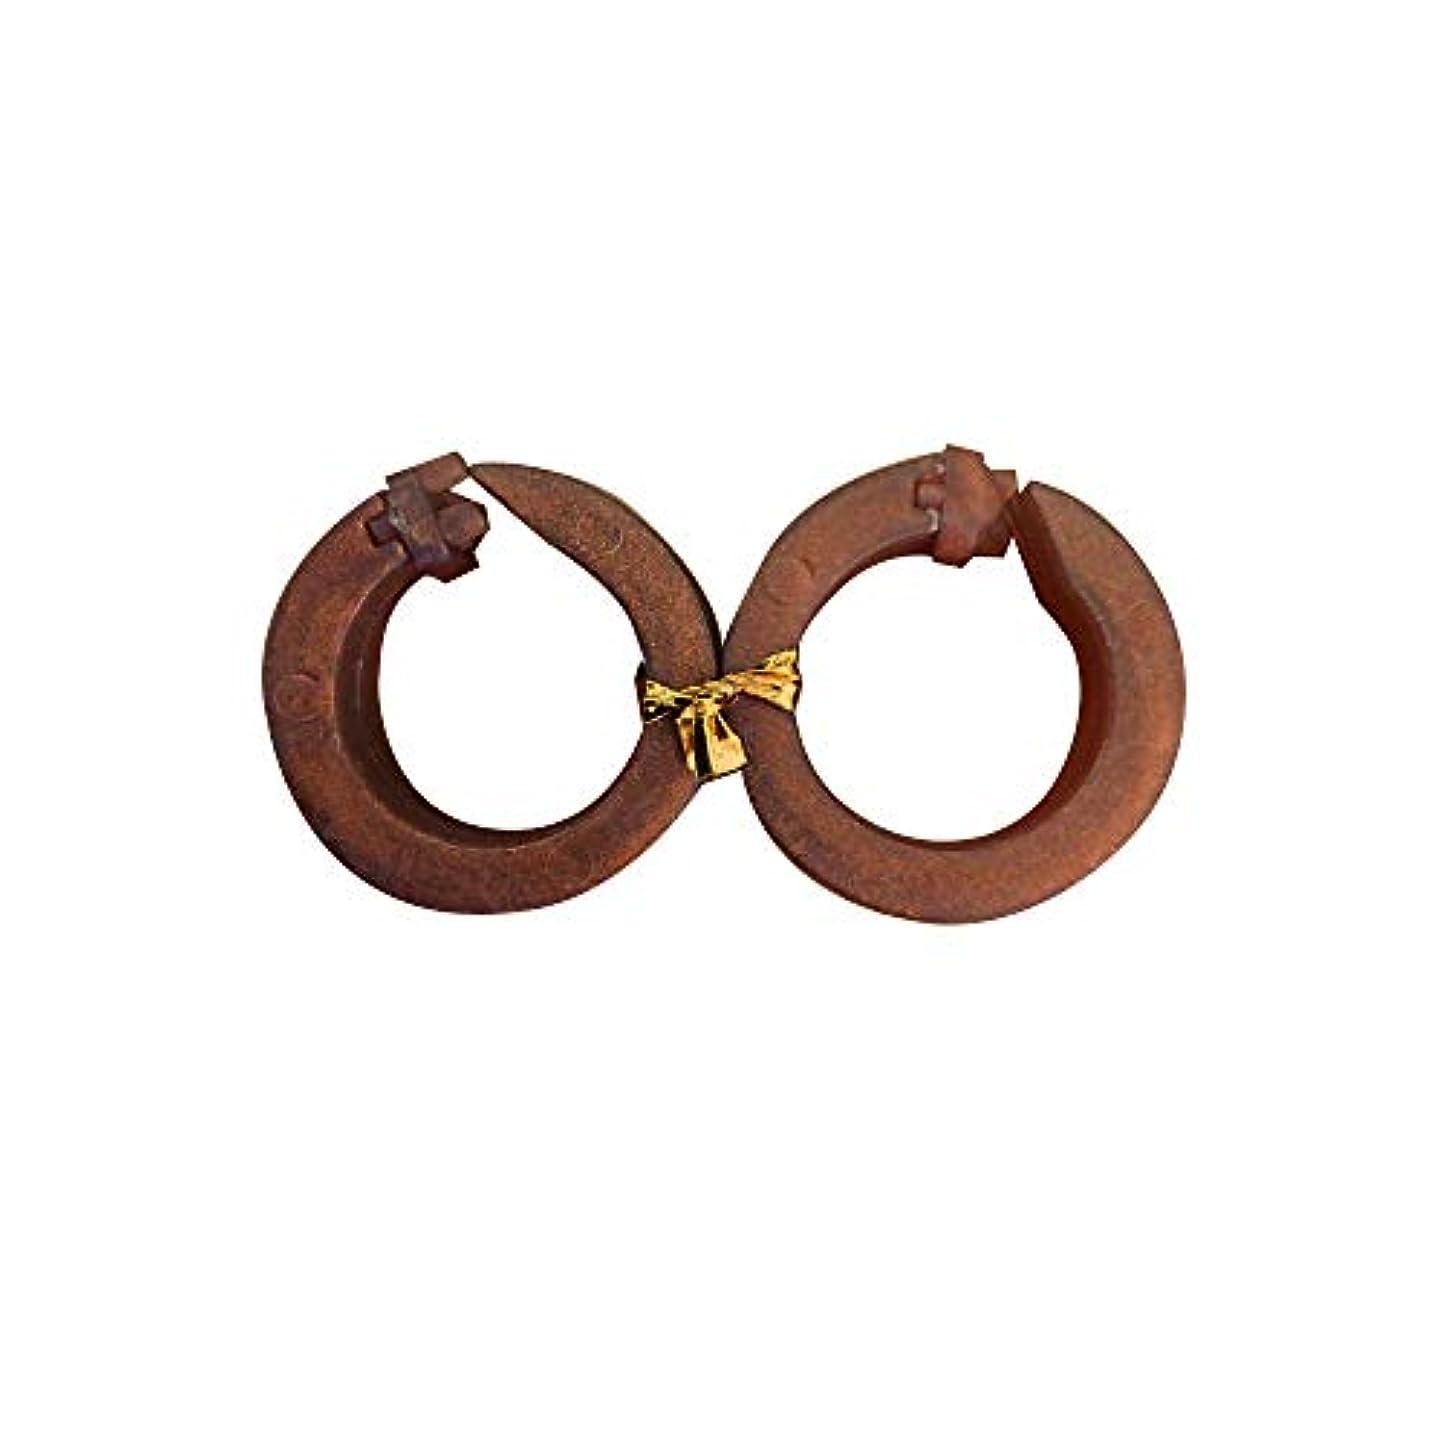 リール周術期することになっている【サフランフィールド】 耳つぼ ダイエットリング 美容 耳つぼ美人 ゴールドブラウン